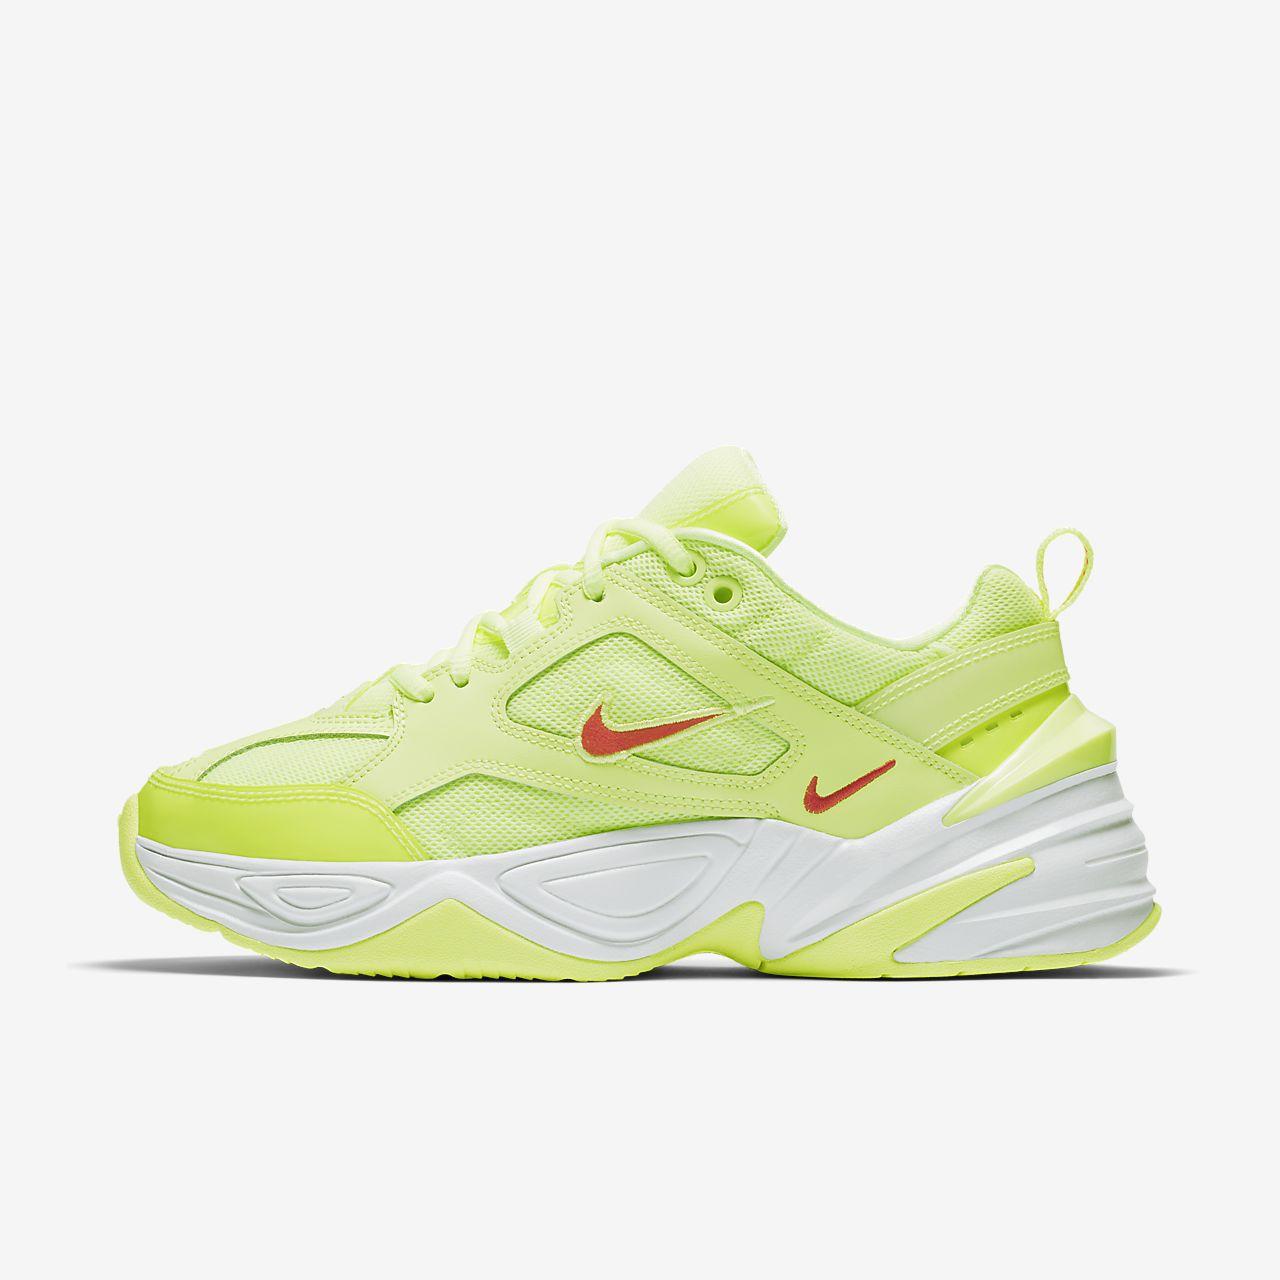 Jaune Tekno Chaussures Nike M2k Noire Baskets Et Femme